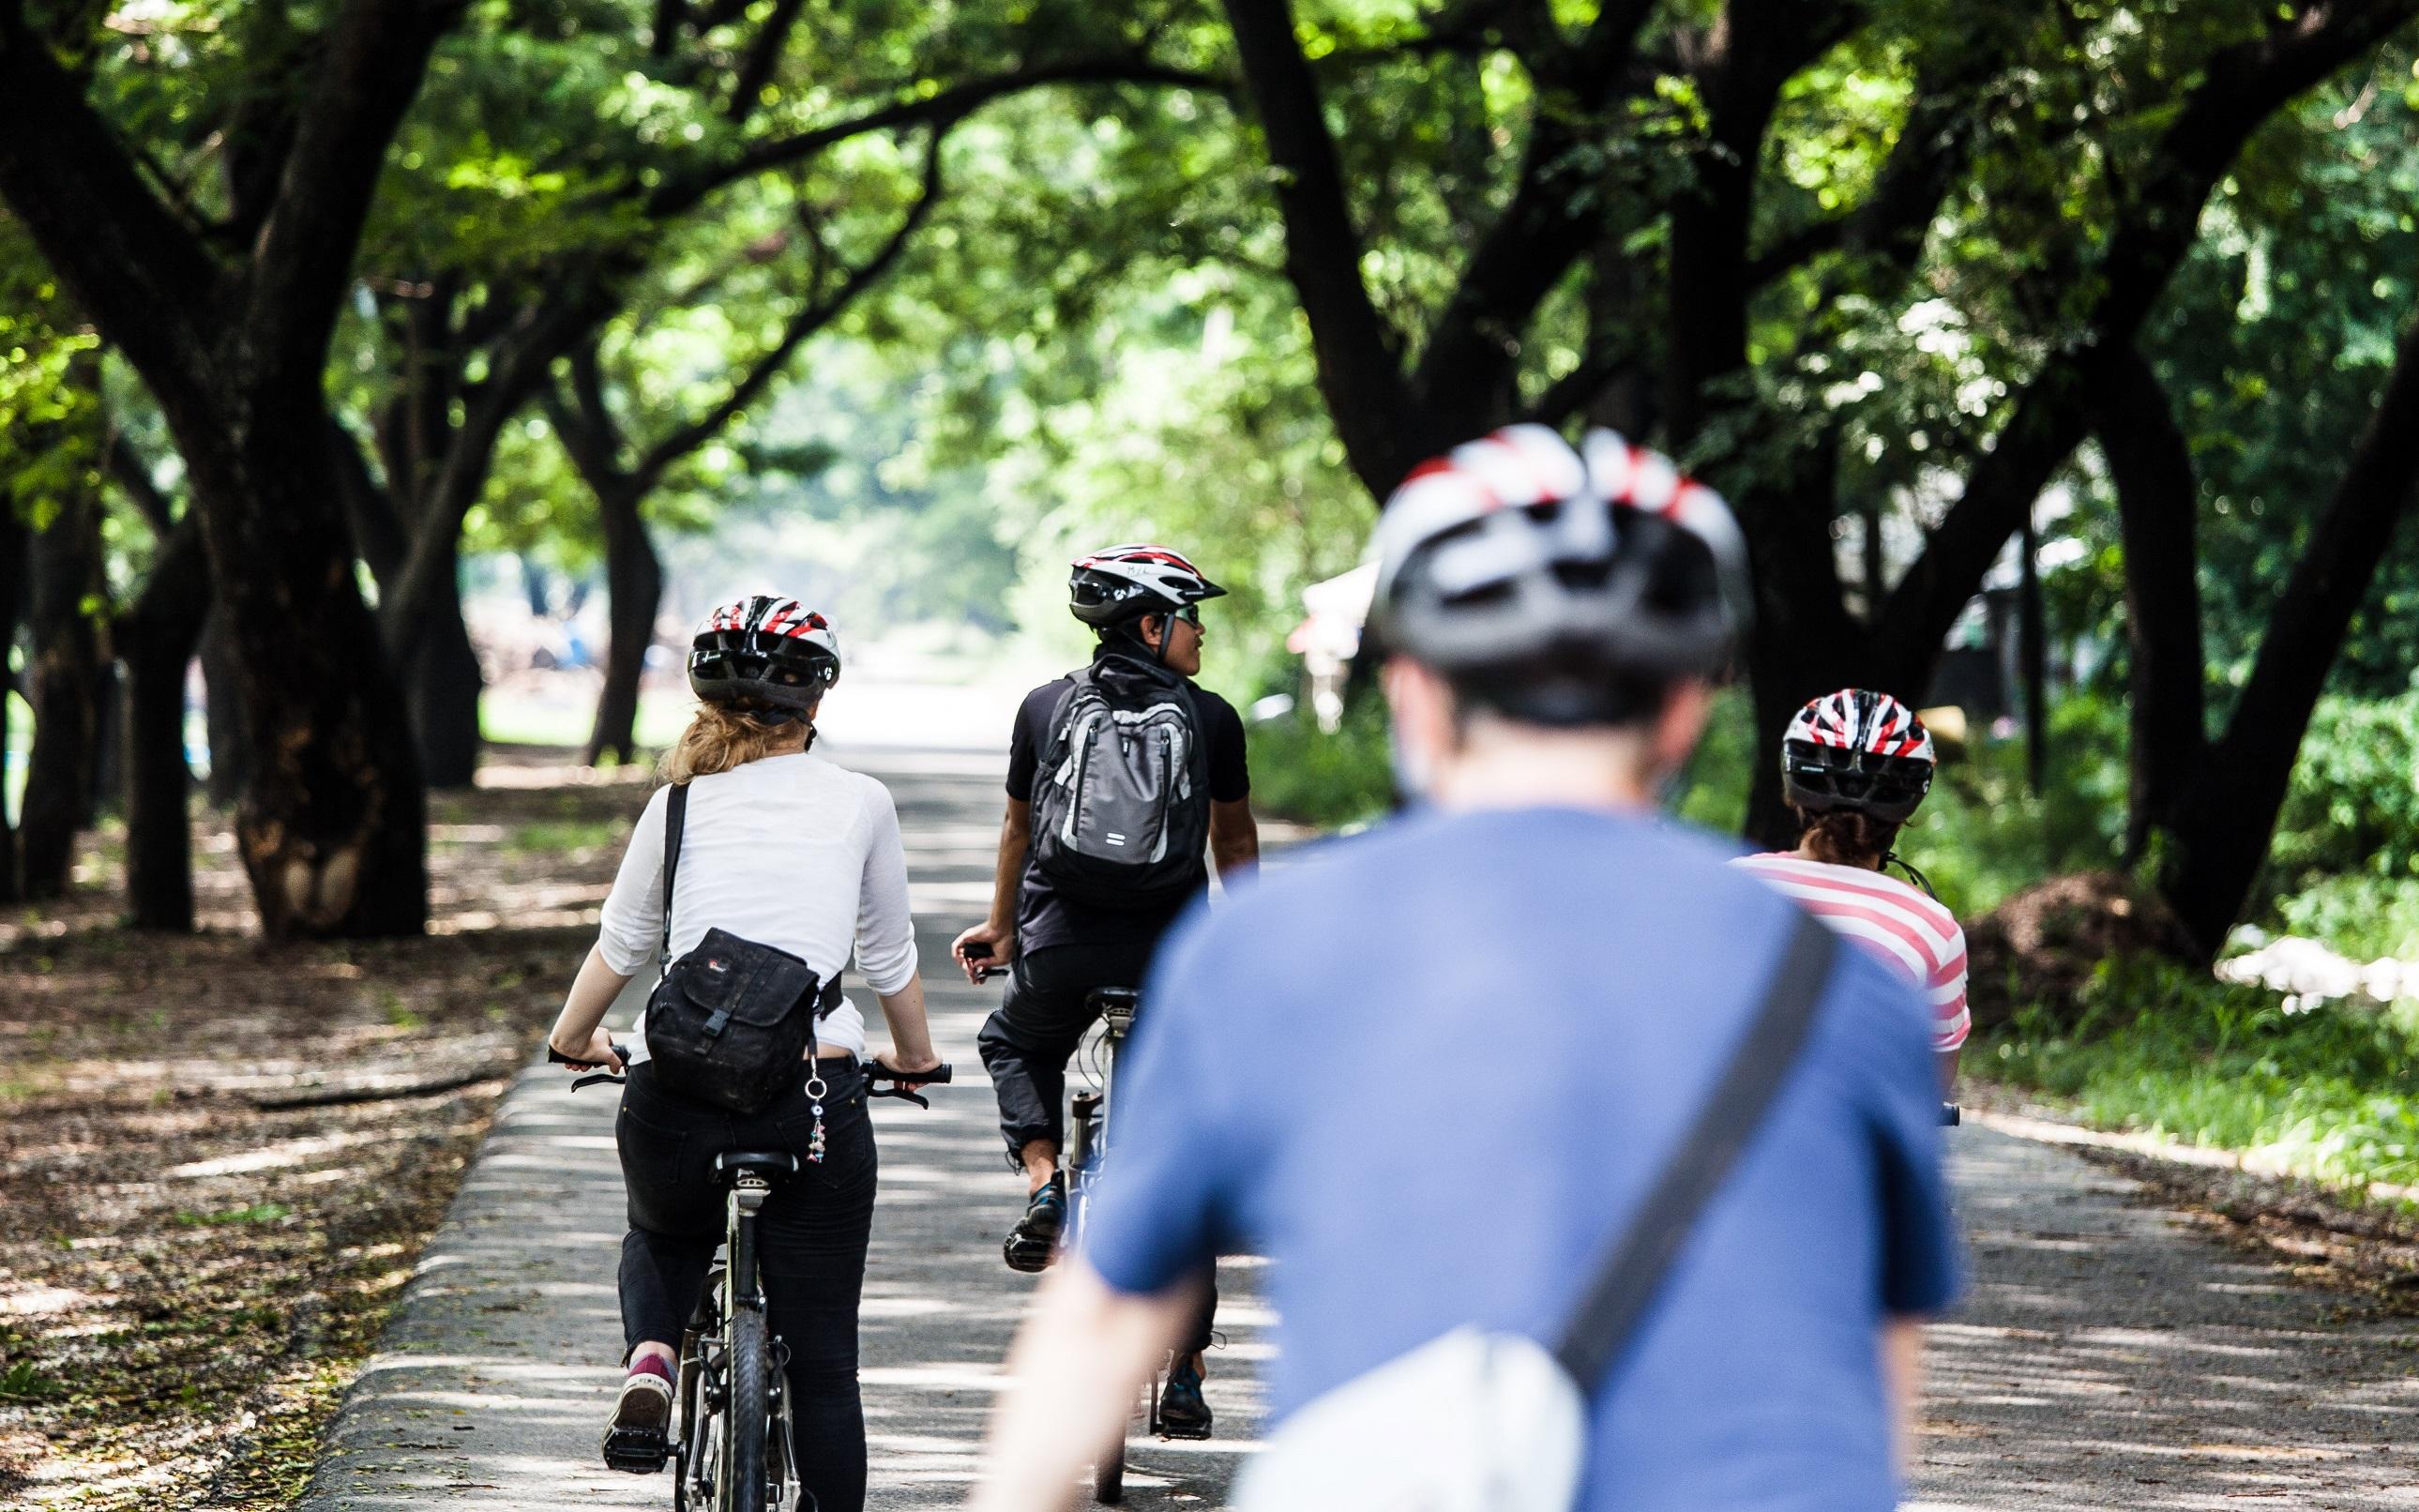 アユタヤ到着後、自転車に乗り換えサイクリングツアー出発